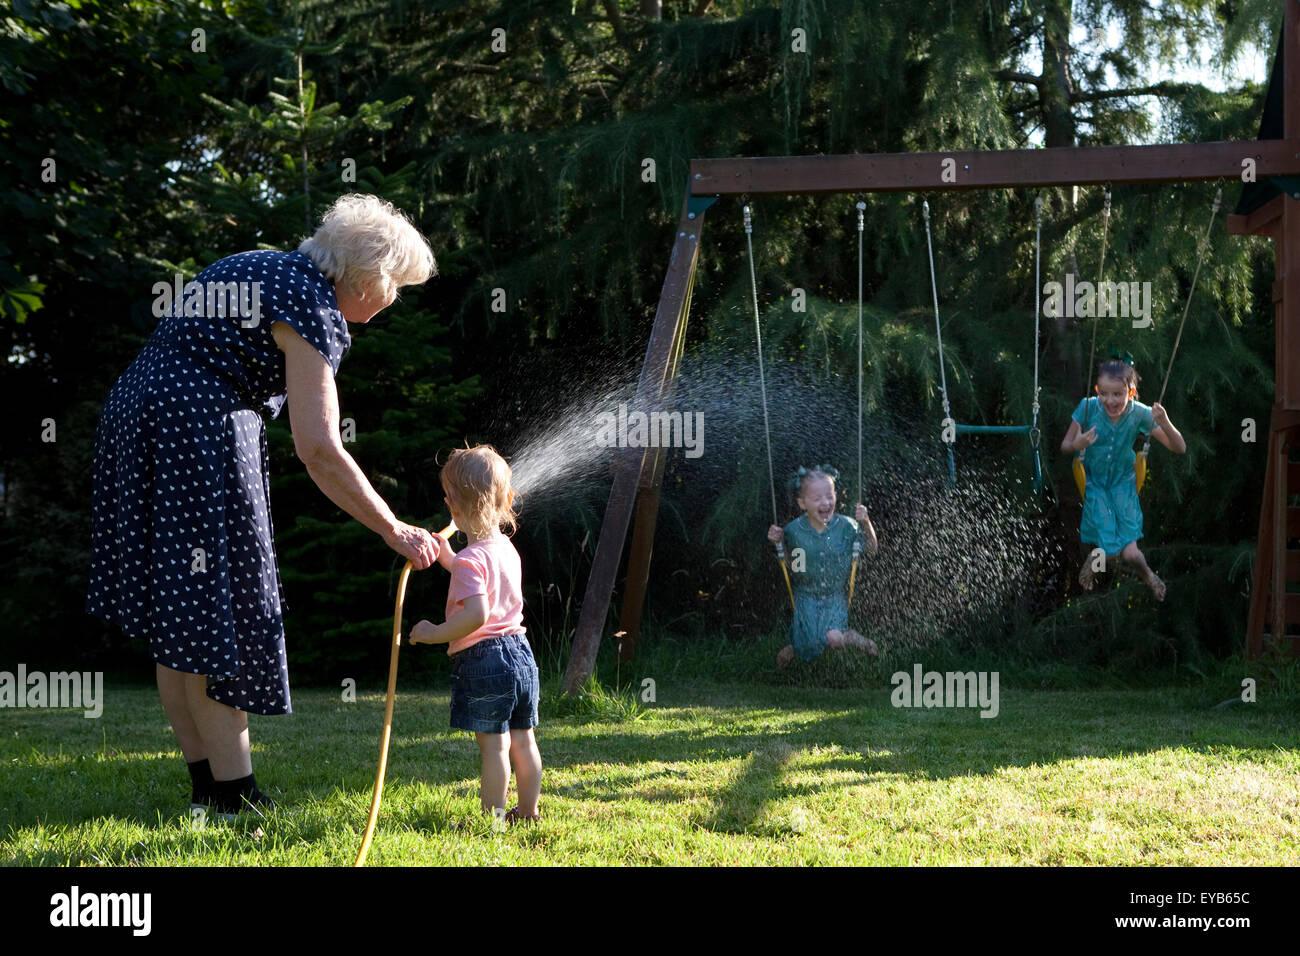 Familia jugando en el jardín con una manguera de agua en verano. Imagen De Stock